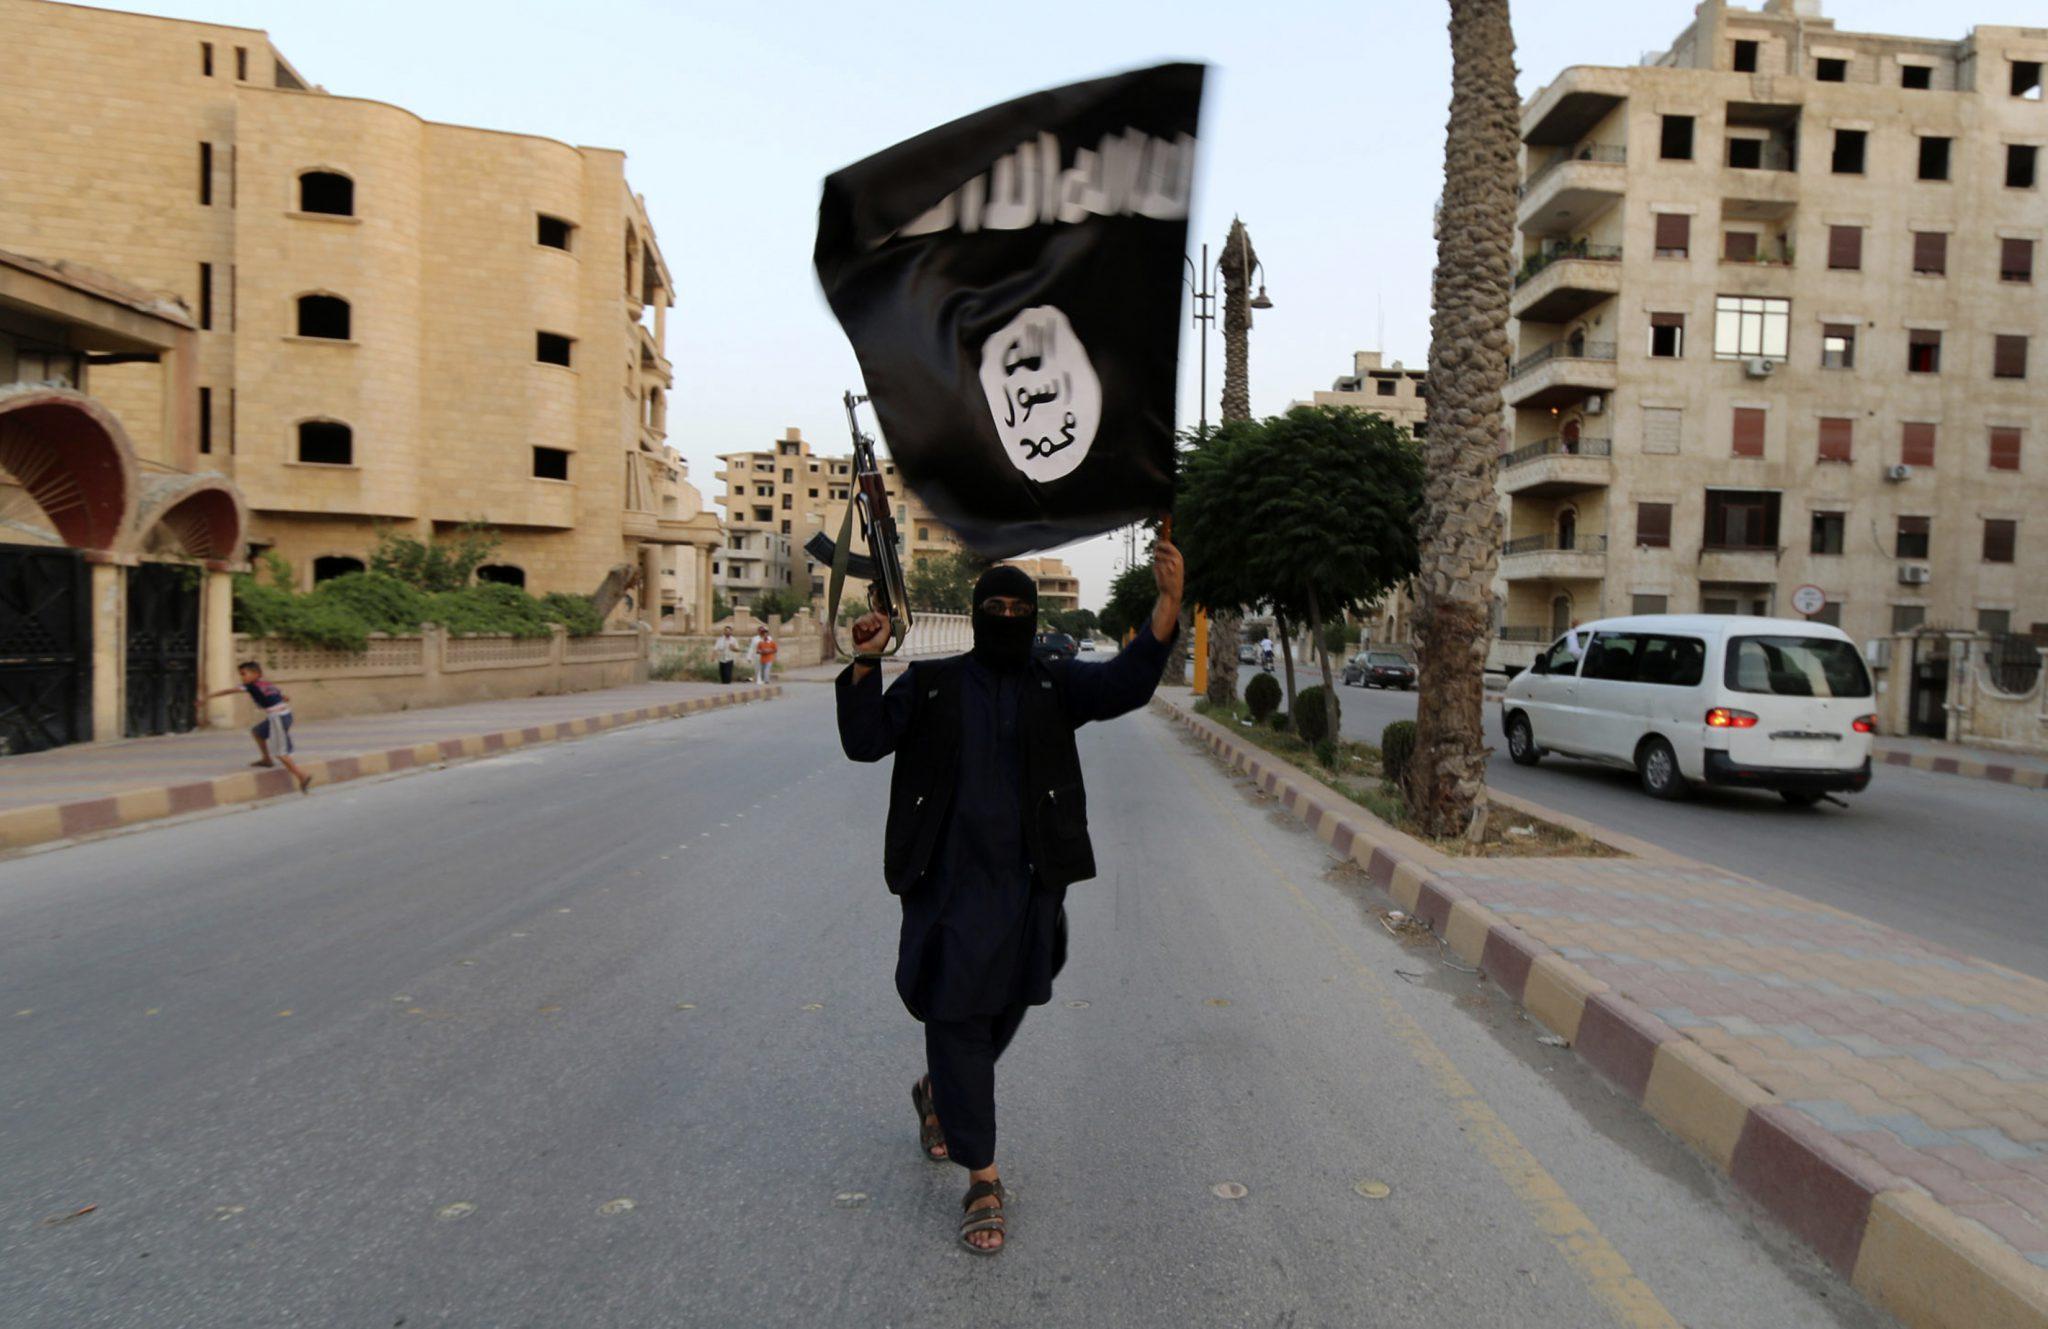 ISIS, letër kërcënuese në Universitetin e Prishtinës